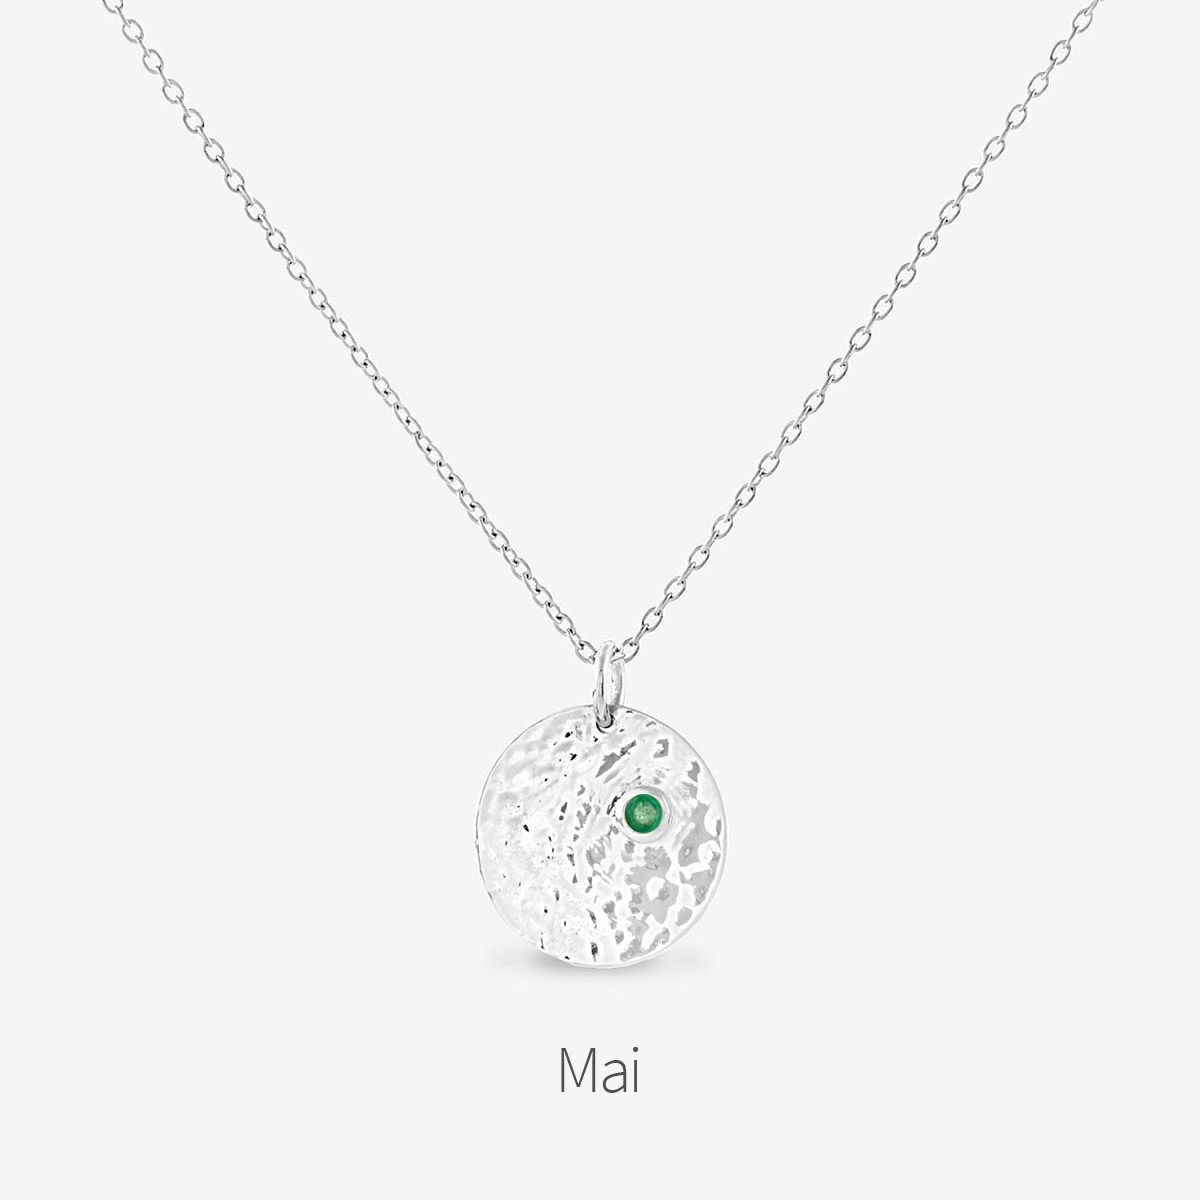 Birthstone May - Halsketten - Silber